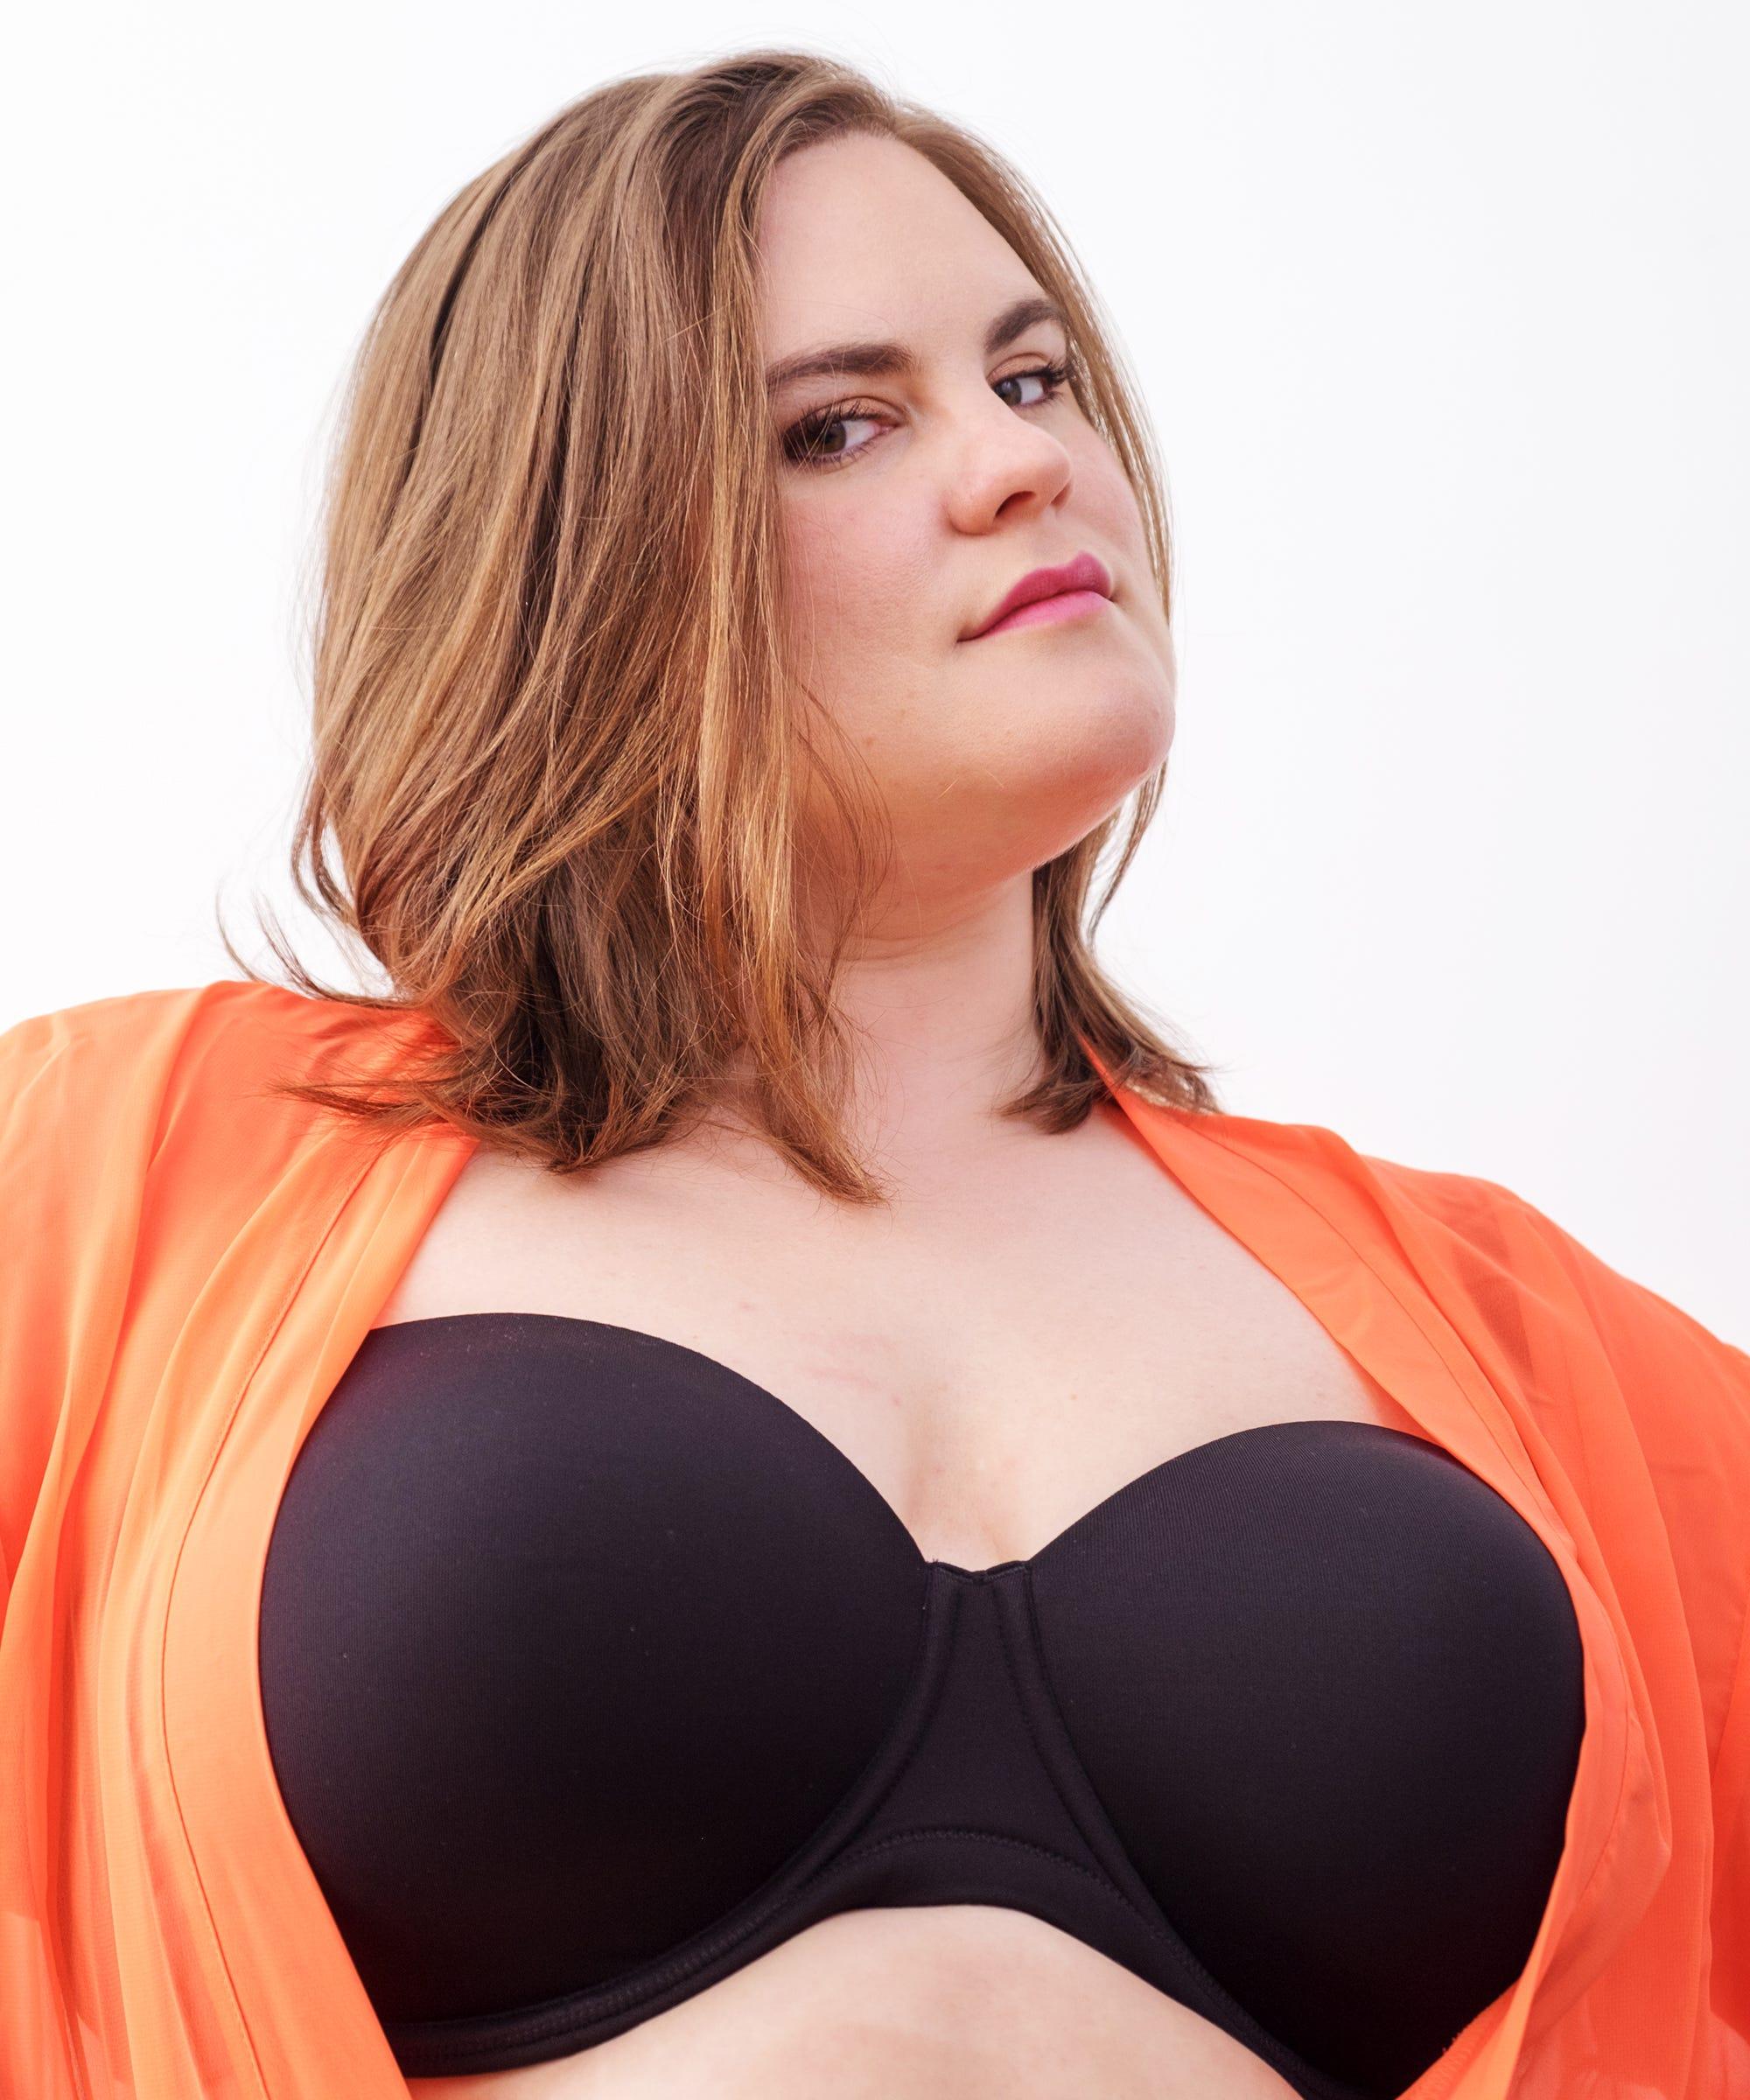 Fat amateur women gallery